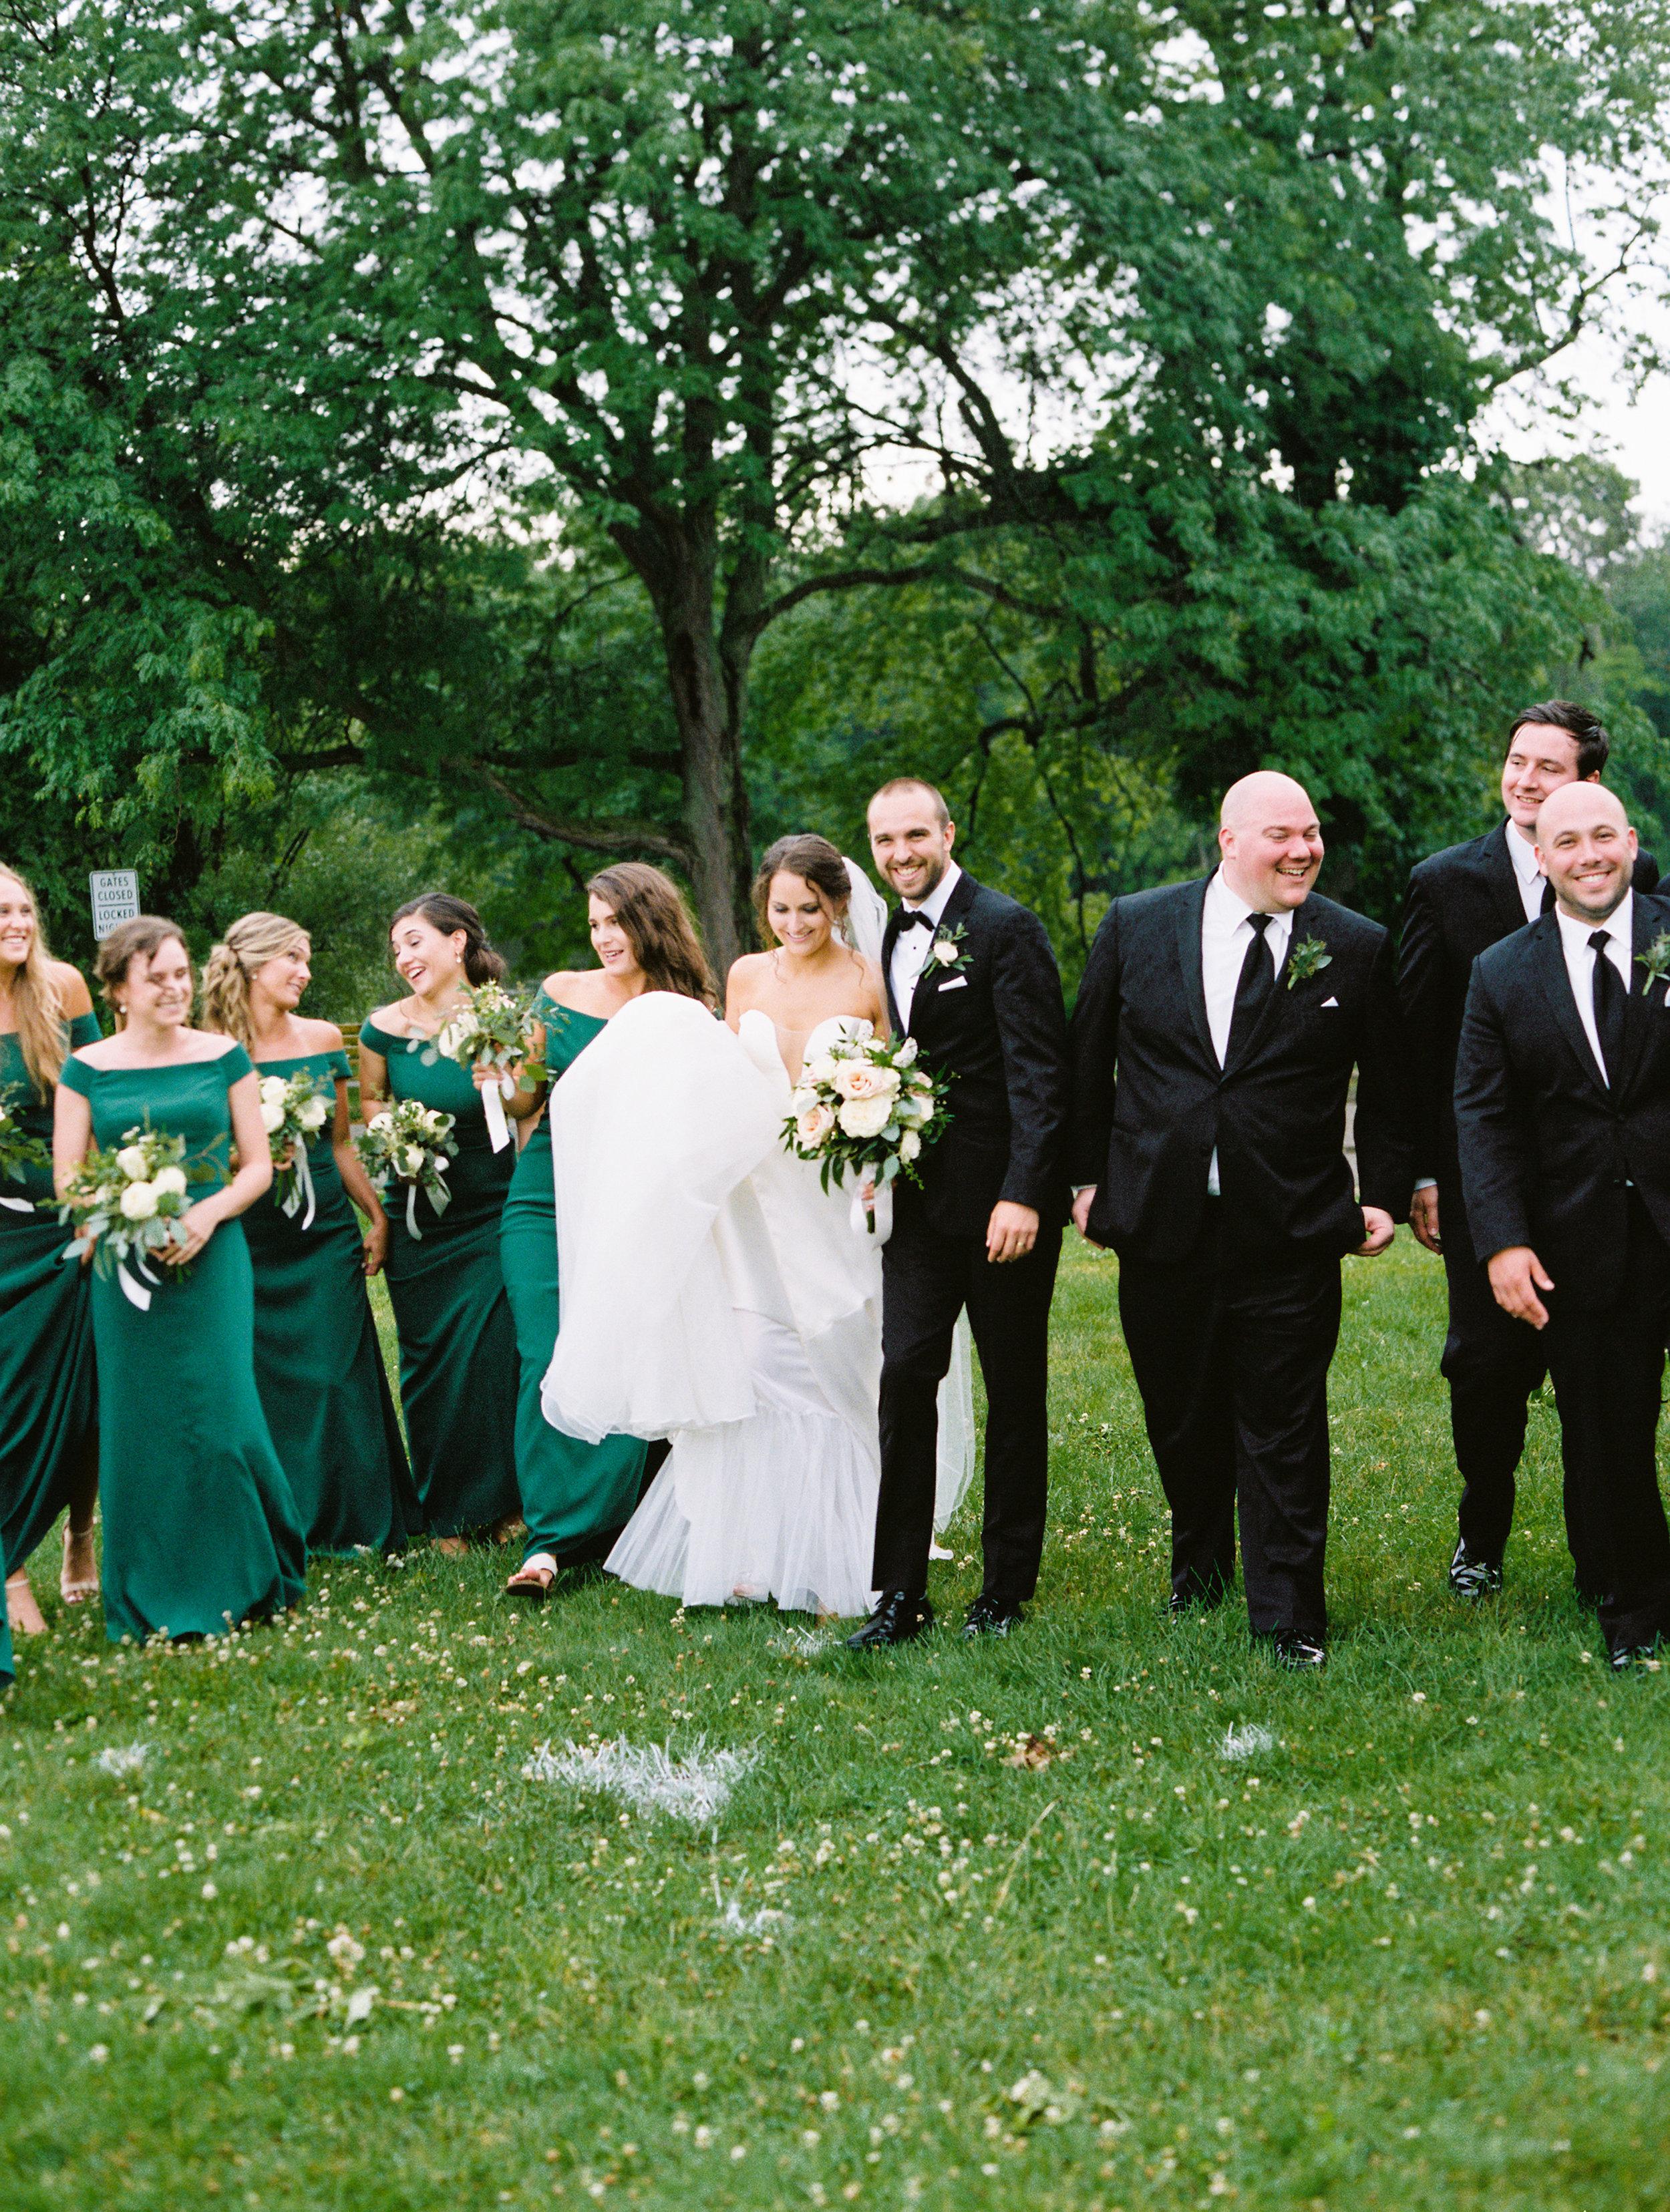 Steiner+Wedding+Bridal+Party-50.jpg